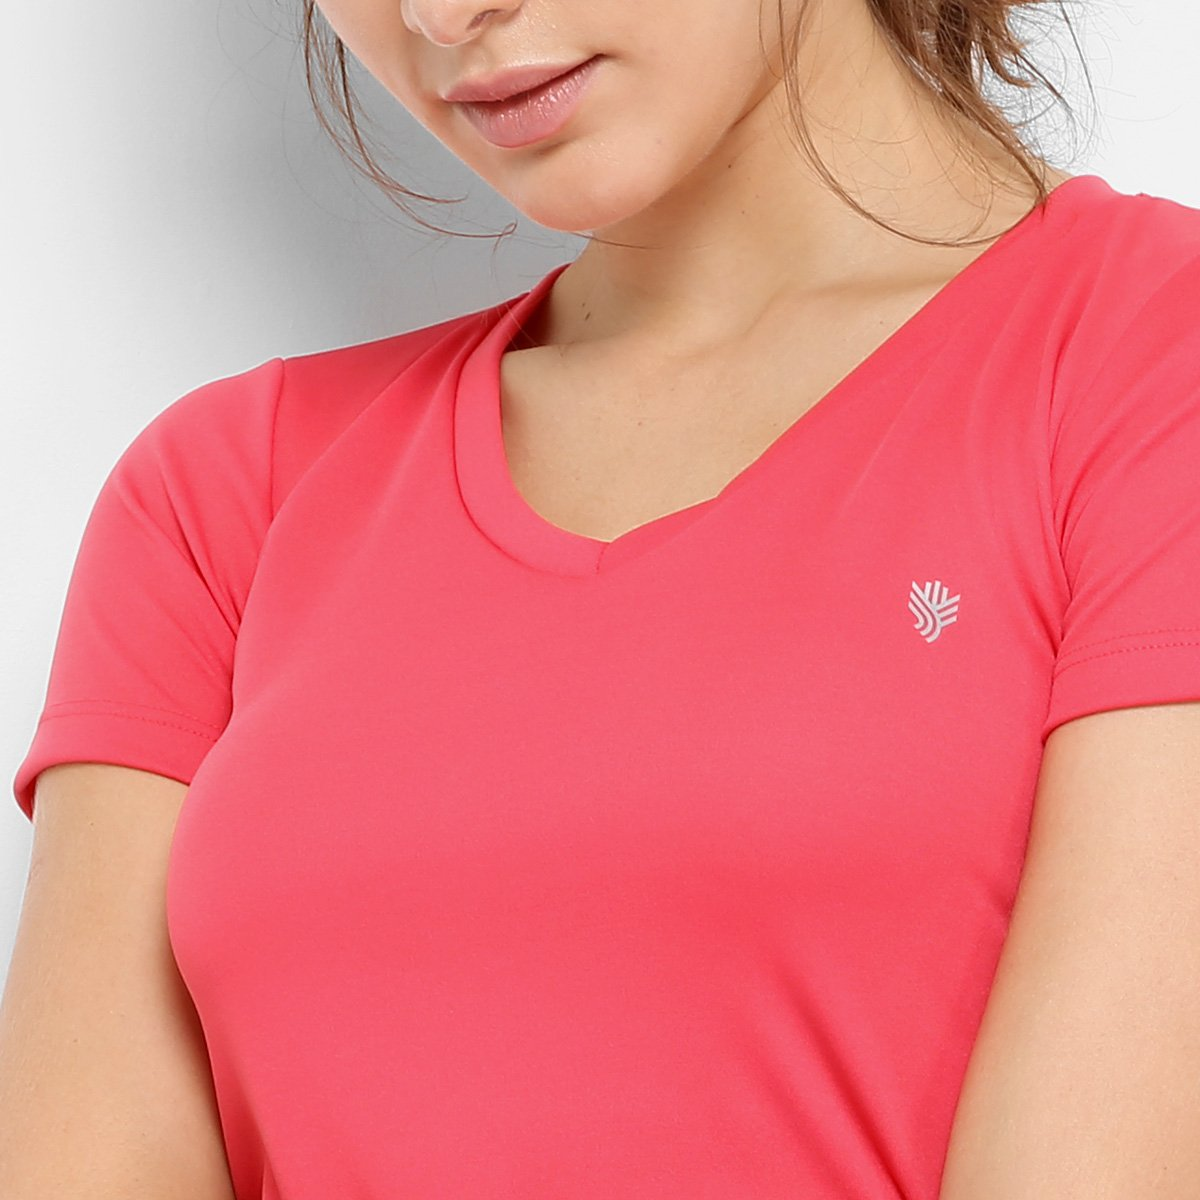 Pink Camiseta Basic Feminina Basic Lola Pink GONEW Camiseta GONEW Camiseta Feminina Lola fqAzHw